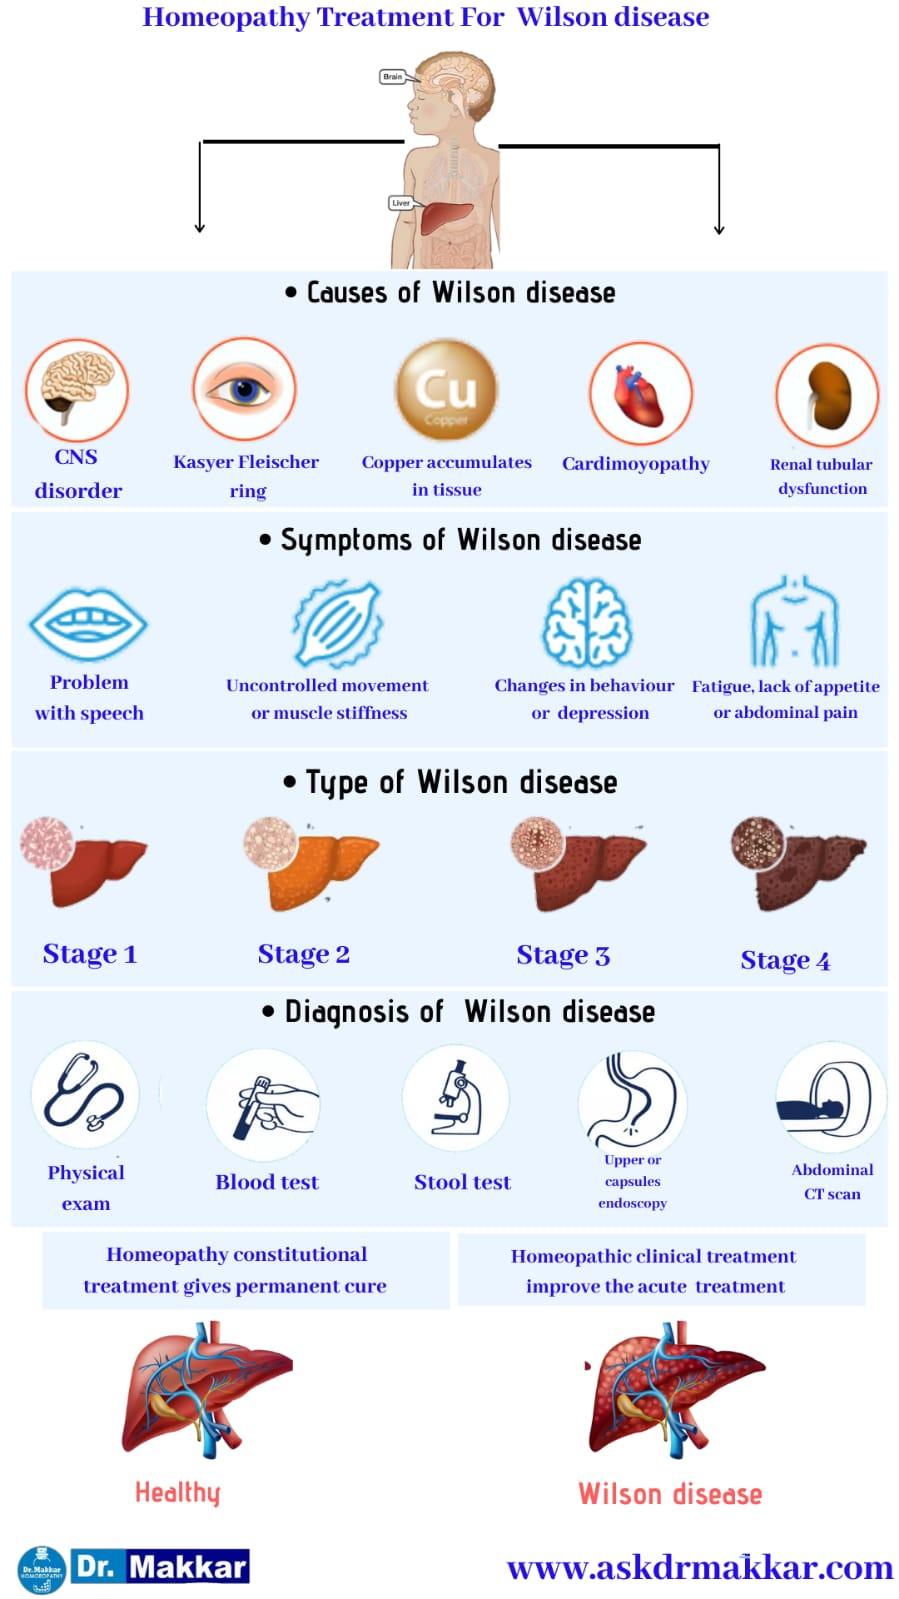 Best Homeopathic Treatment approach to Wilson Disease || विल्सन रोग का होम्योपैथिक दवा से इलाज होम्योपैथिक ट्रीटमेंट